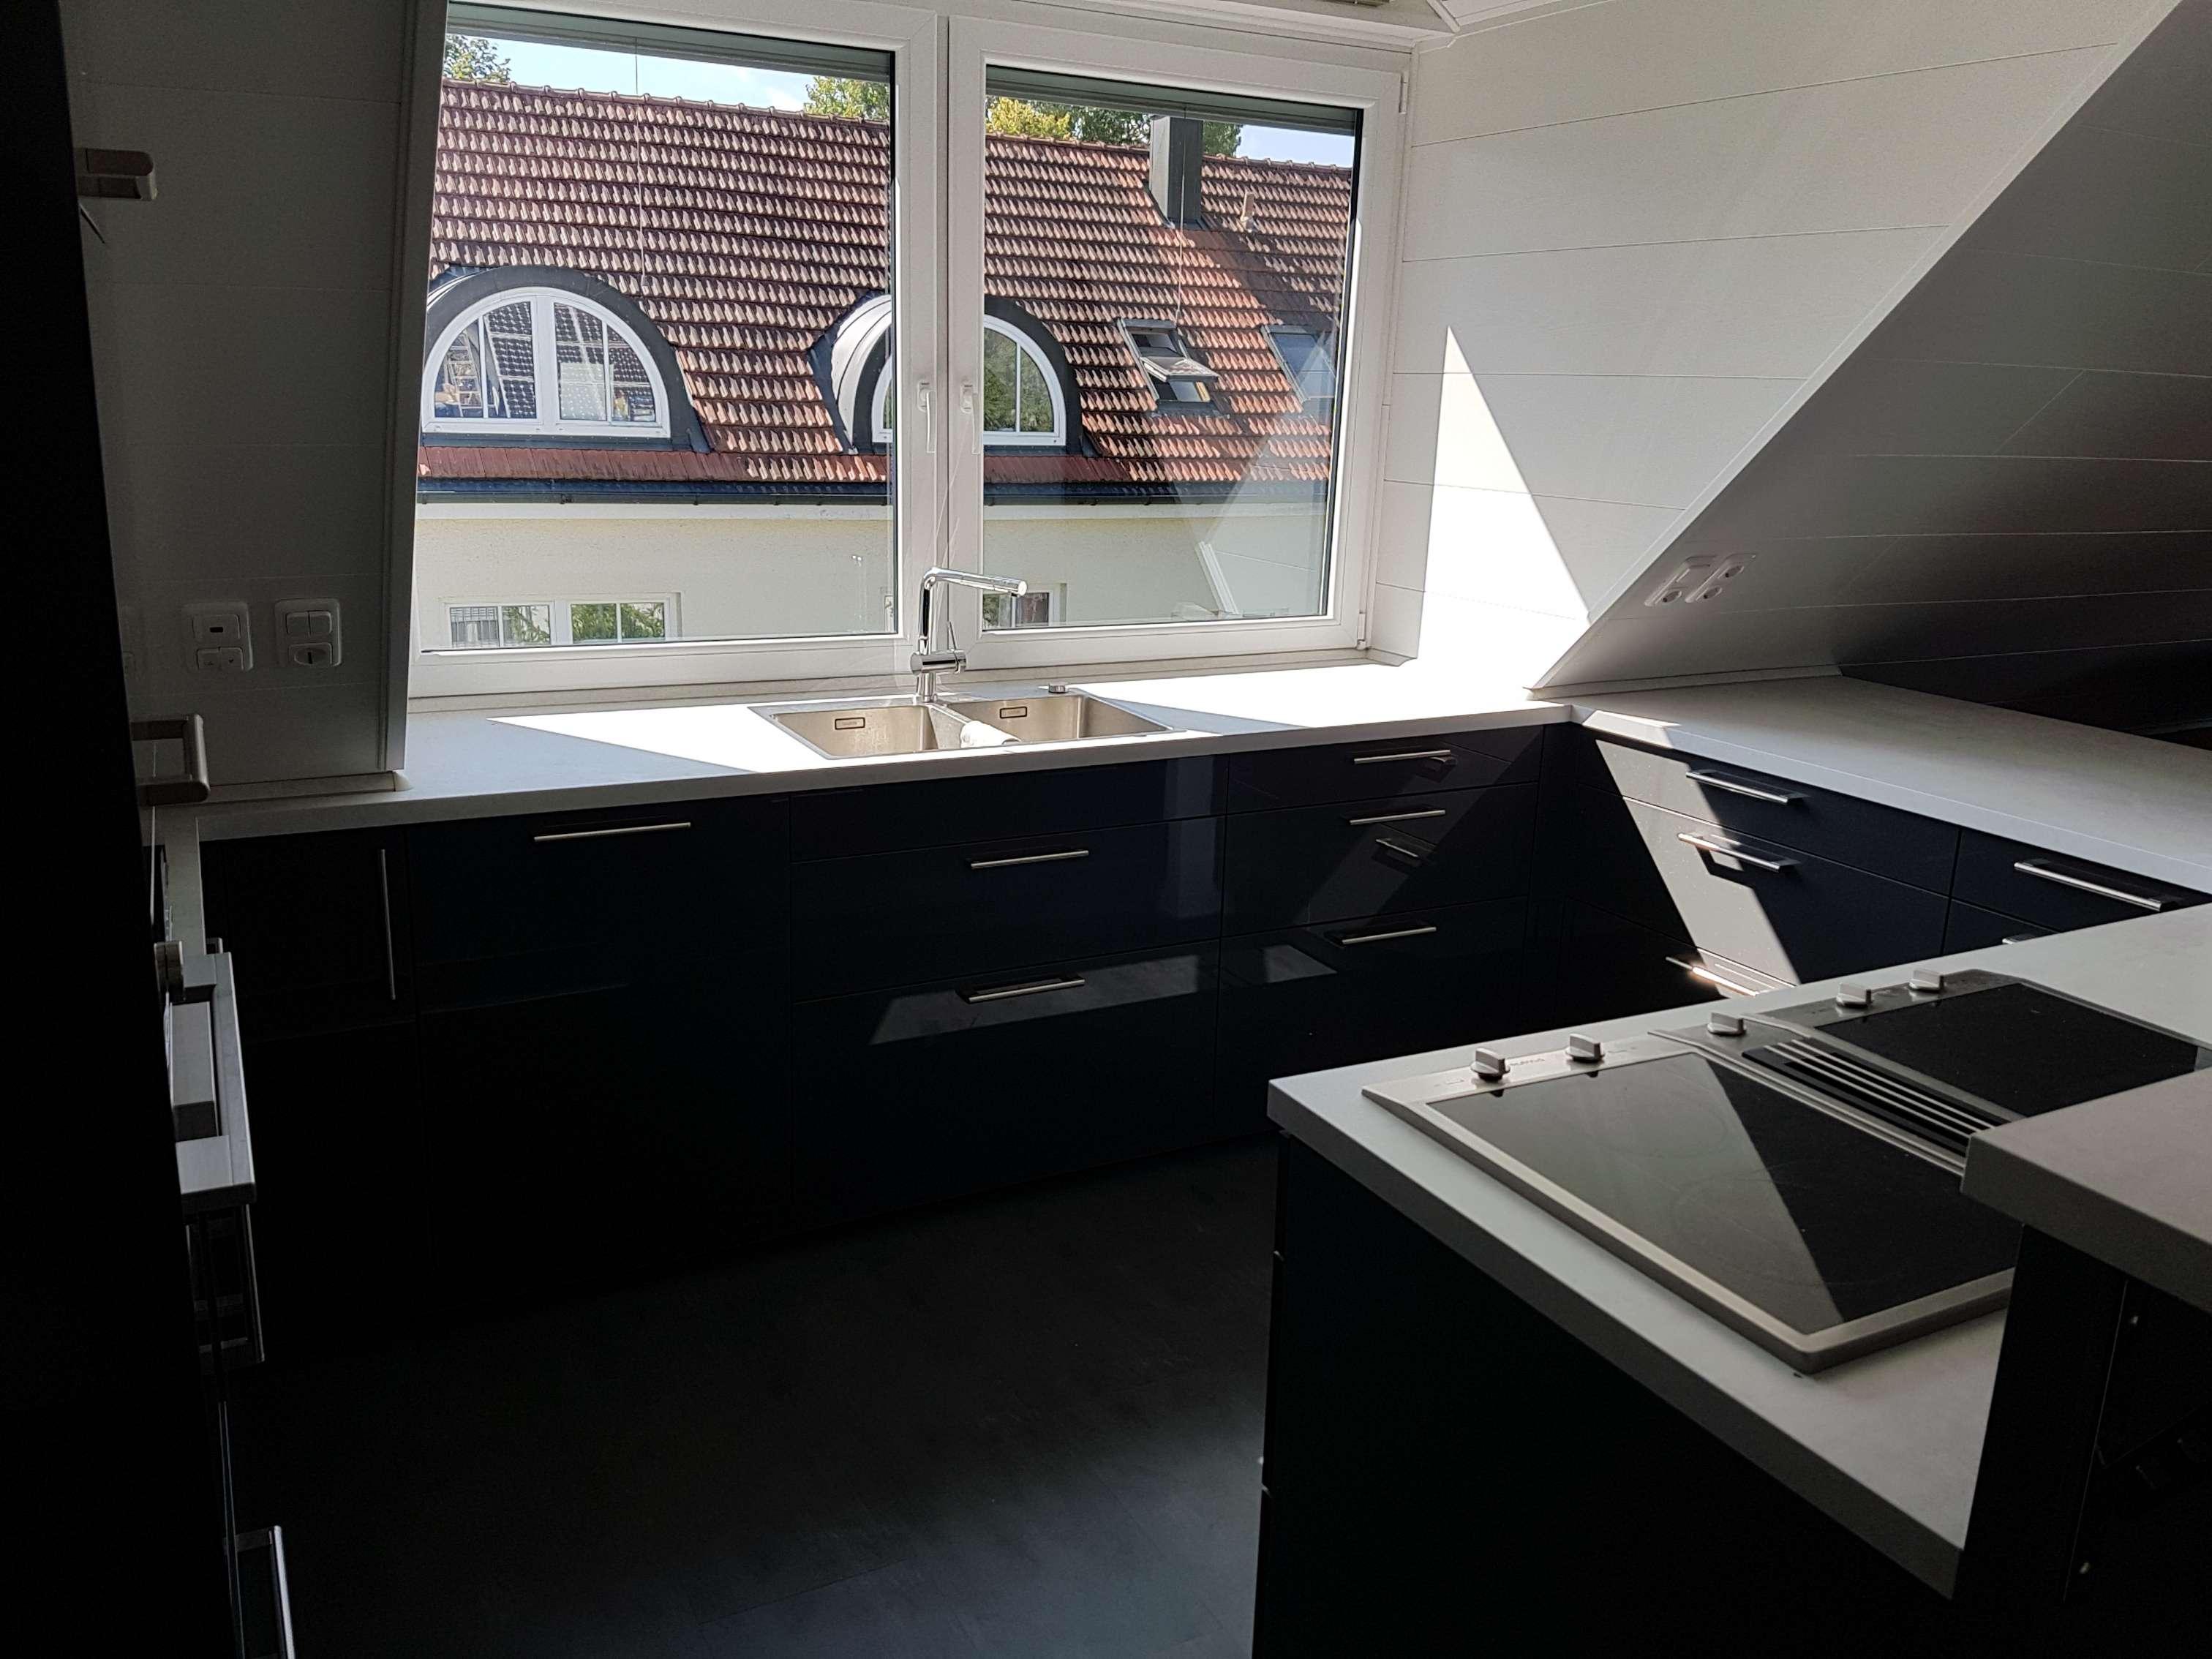 Möblierte stilvolle, geräumige und neuwertige 2-Zimmer-DG-Wohnung mit EBK in Perlach, München in Perlach (München)